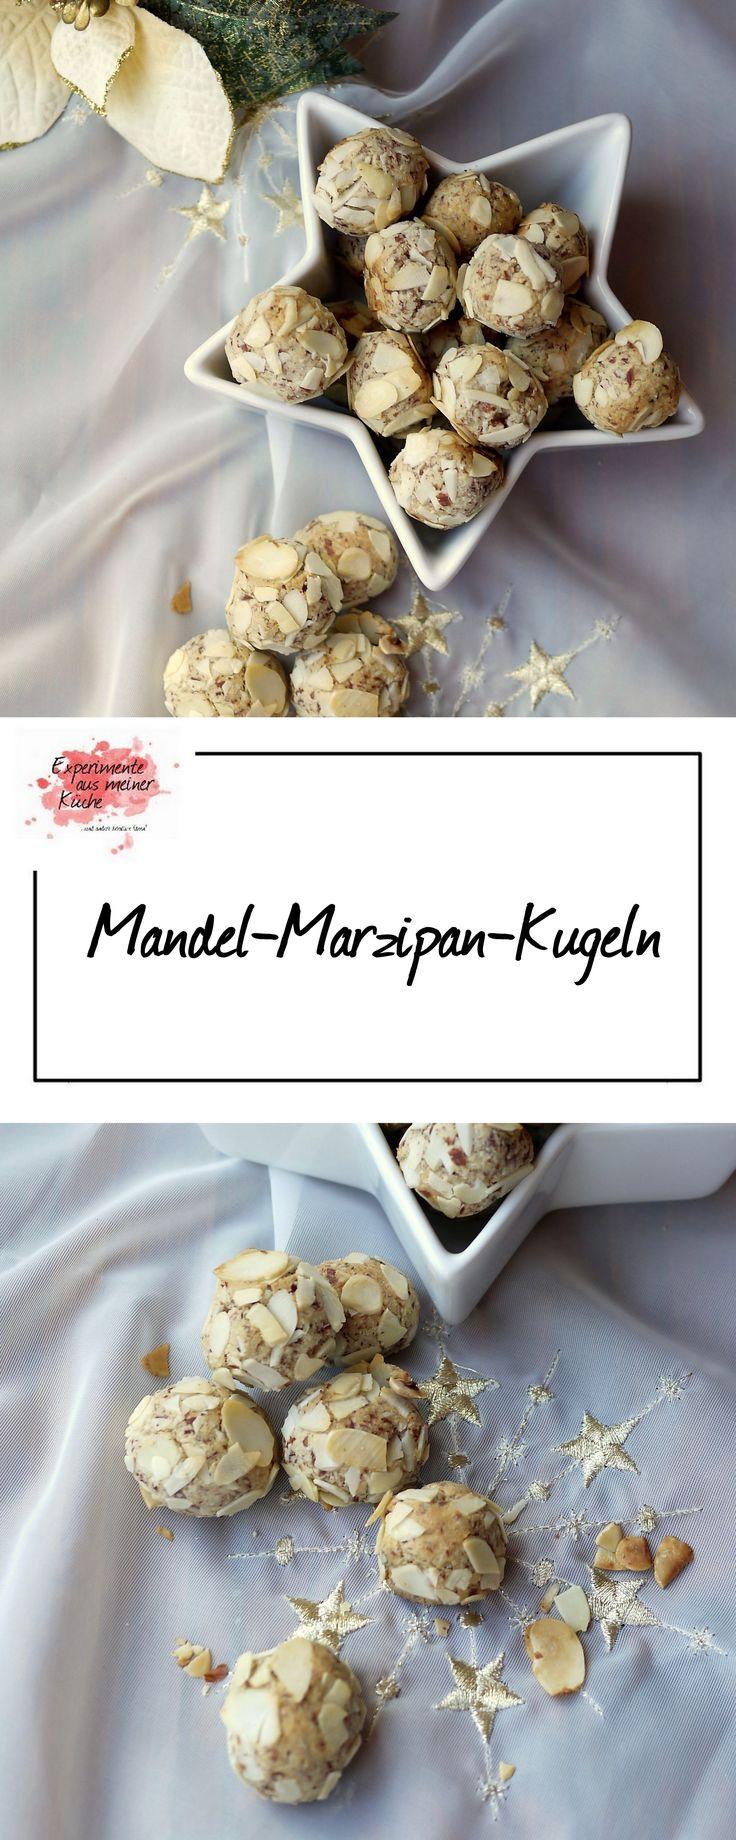 Mandel-Marzipan-Kugeln | | Weihnachtsbäckerei | Rezept | Backen | Plätzchen